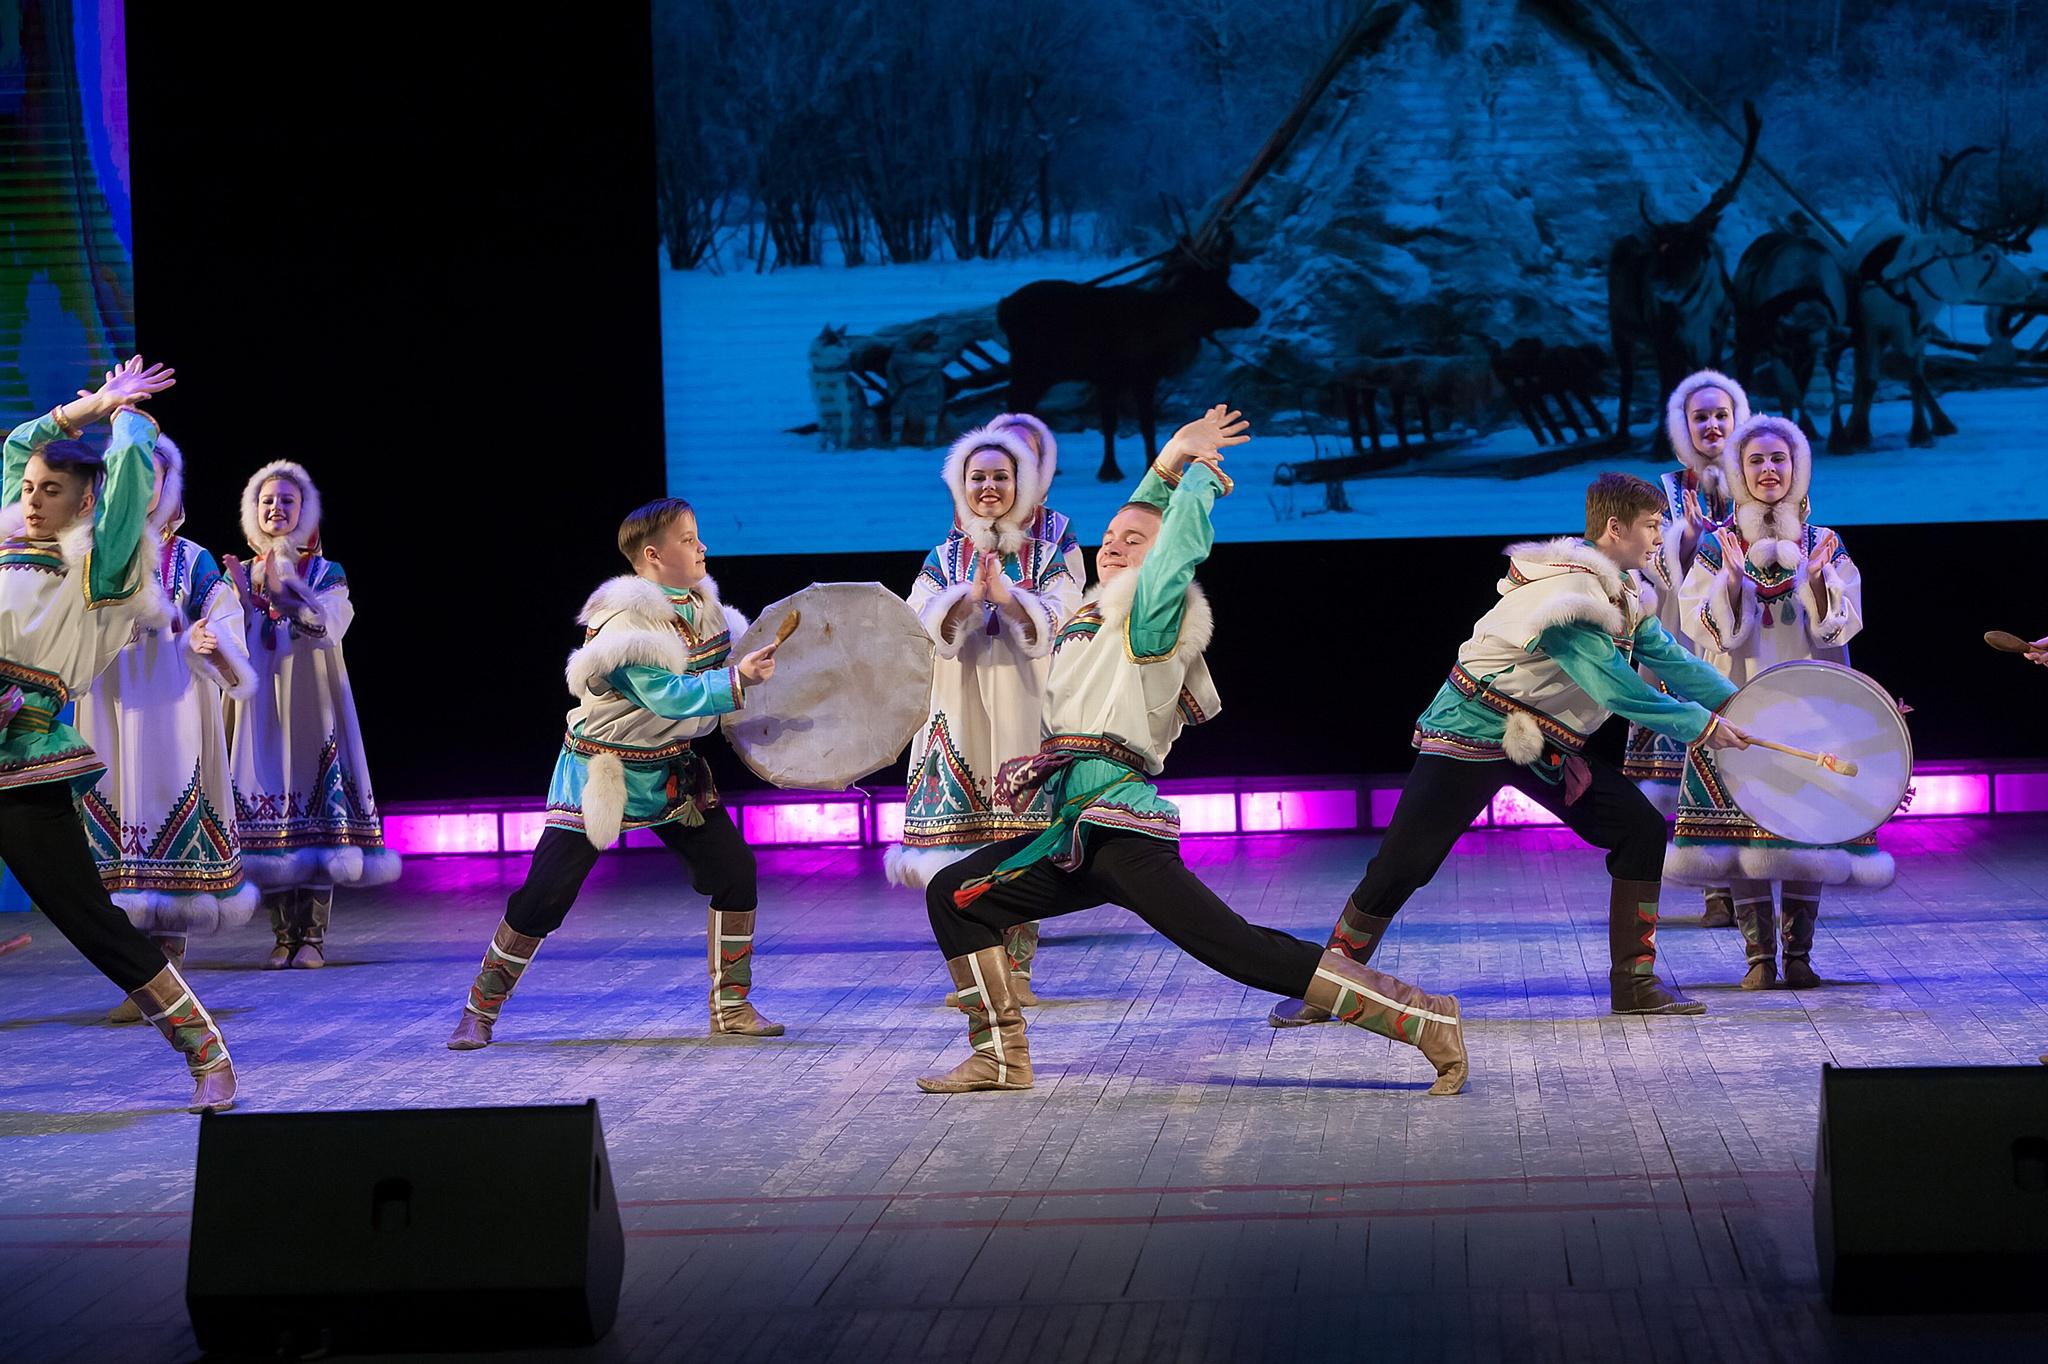 IX Всероссийский конкурс ансамблей народного танца и вокально-хореографических коллективов